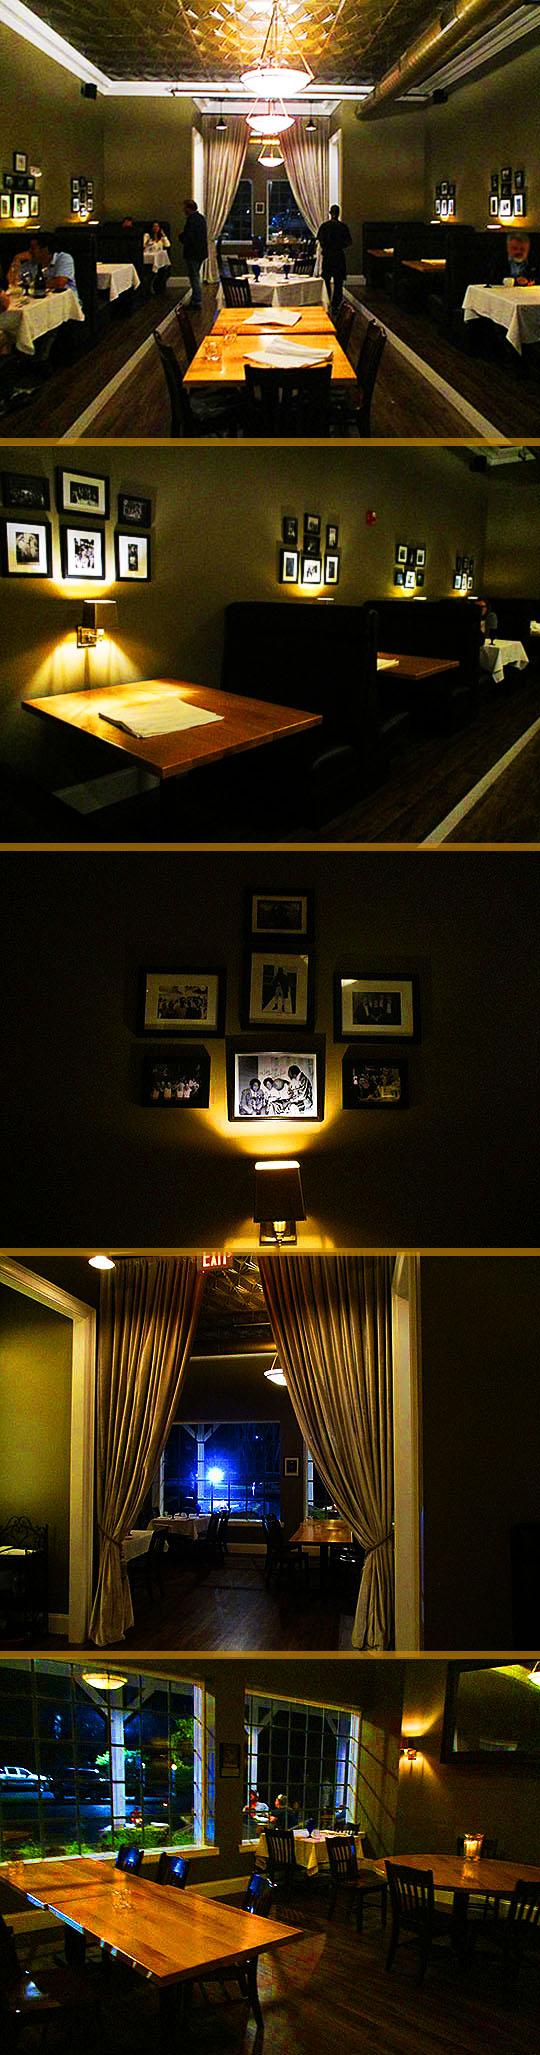 10. diningroom_9-19-19.jpg